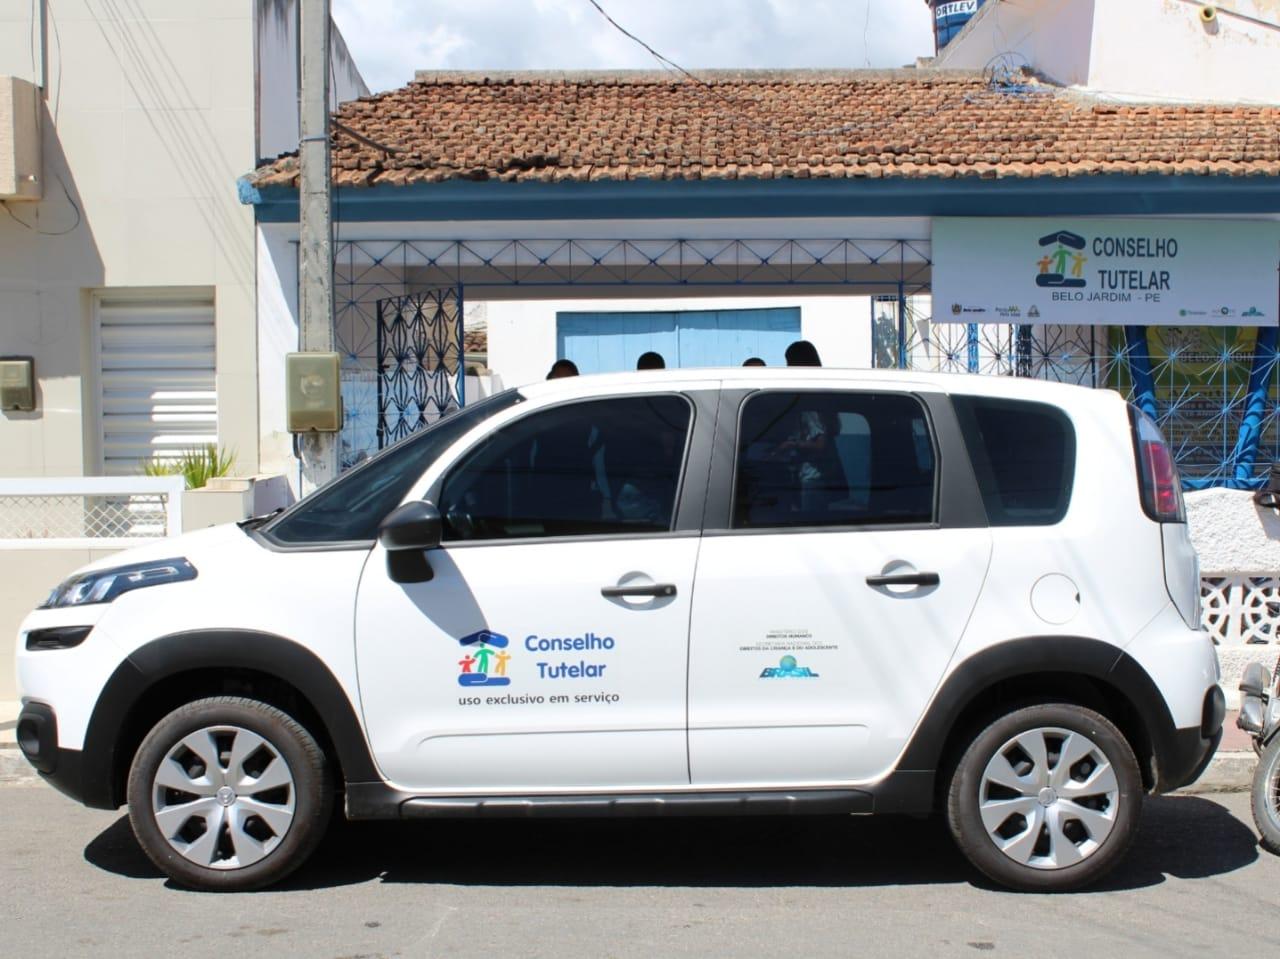 Inscrições para o Conselho Tutelar terminam nesta quarta (22) em Belo Jardim